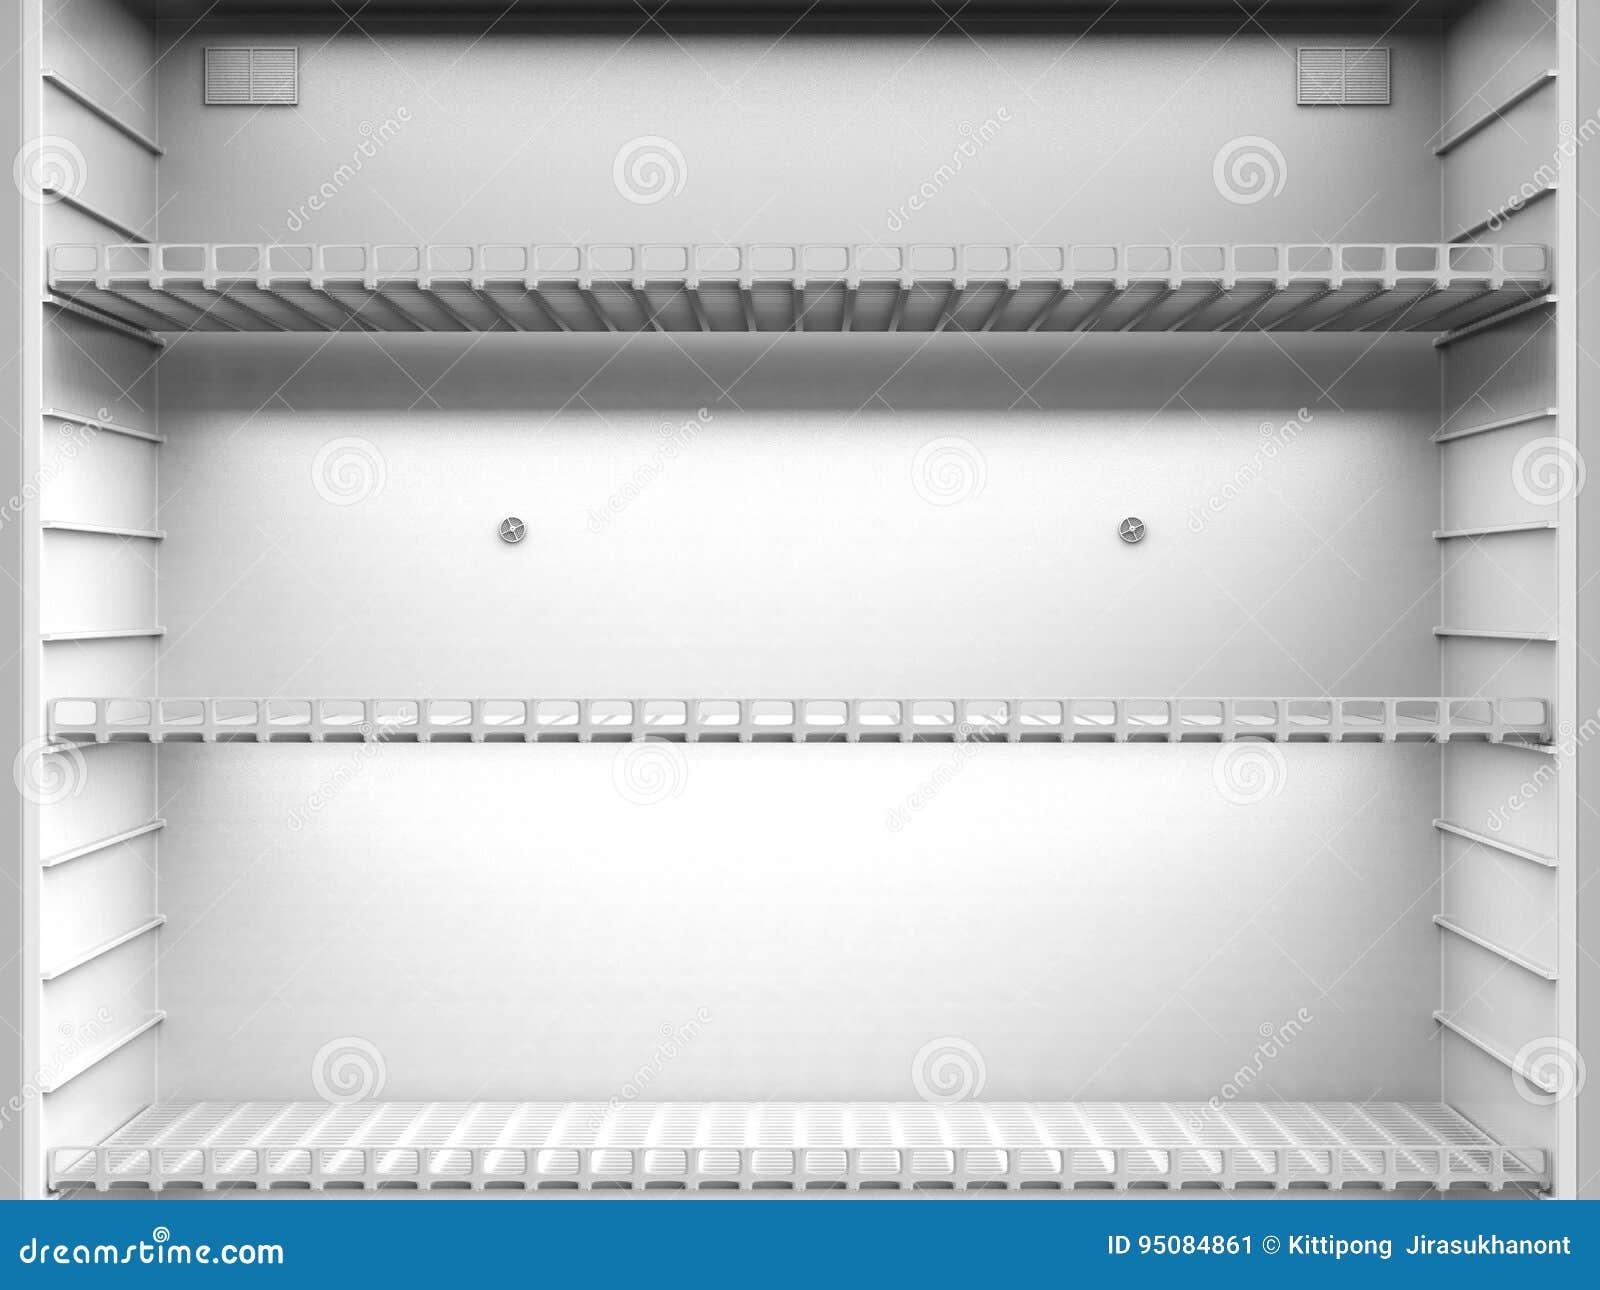 Empty shelves in fridge